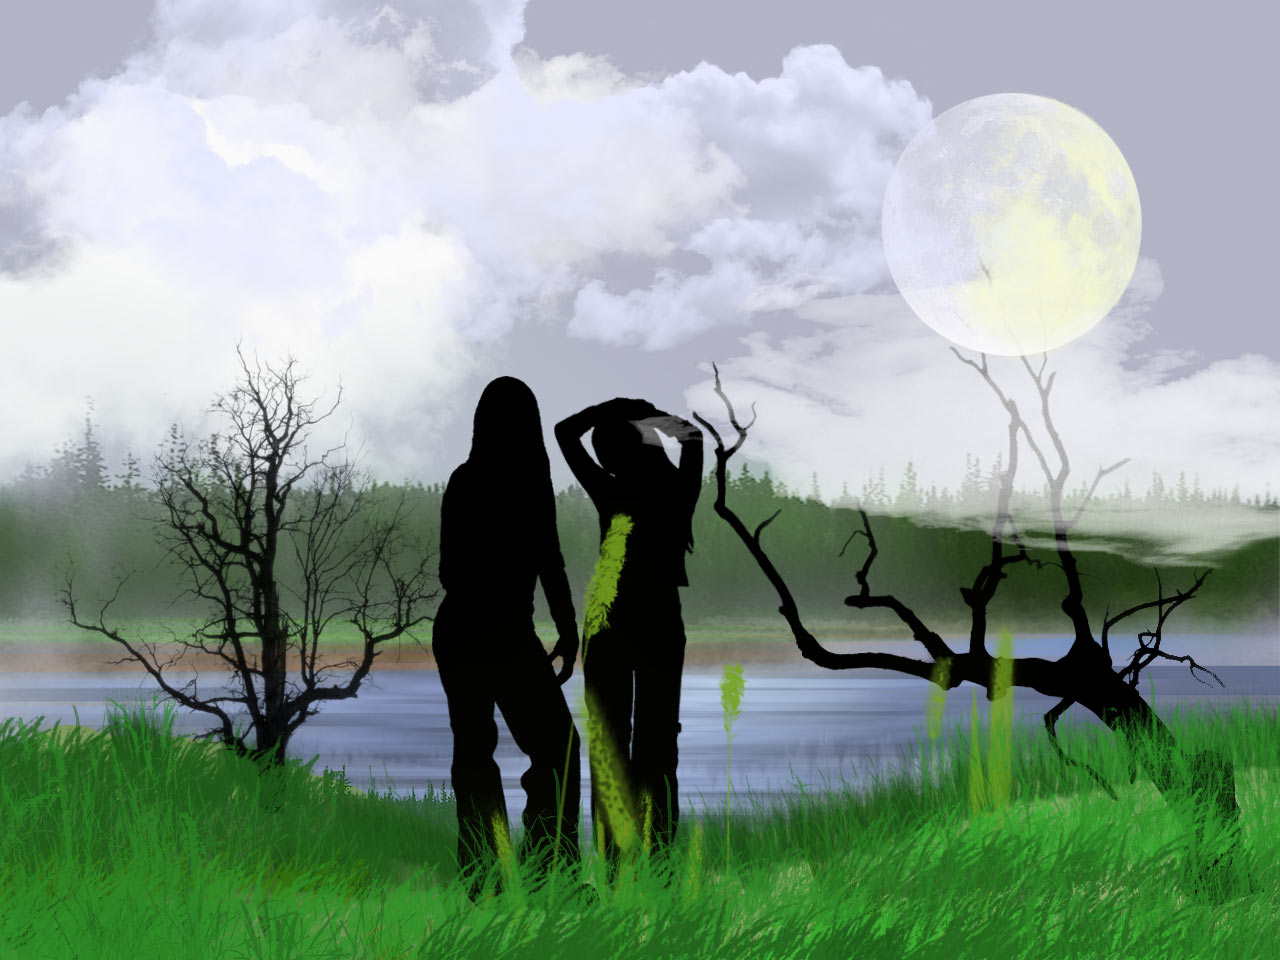 http://4.bp.blogspot.com/-Lt4reZt-lPQ/Th7ywCgN00I/AAAAAAAABDA/6tl3DgTWmy4/s1600/Two_Women_of_Nature.jpg